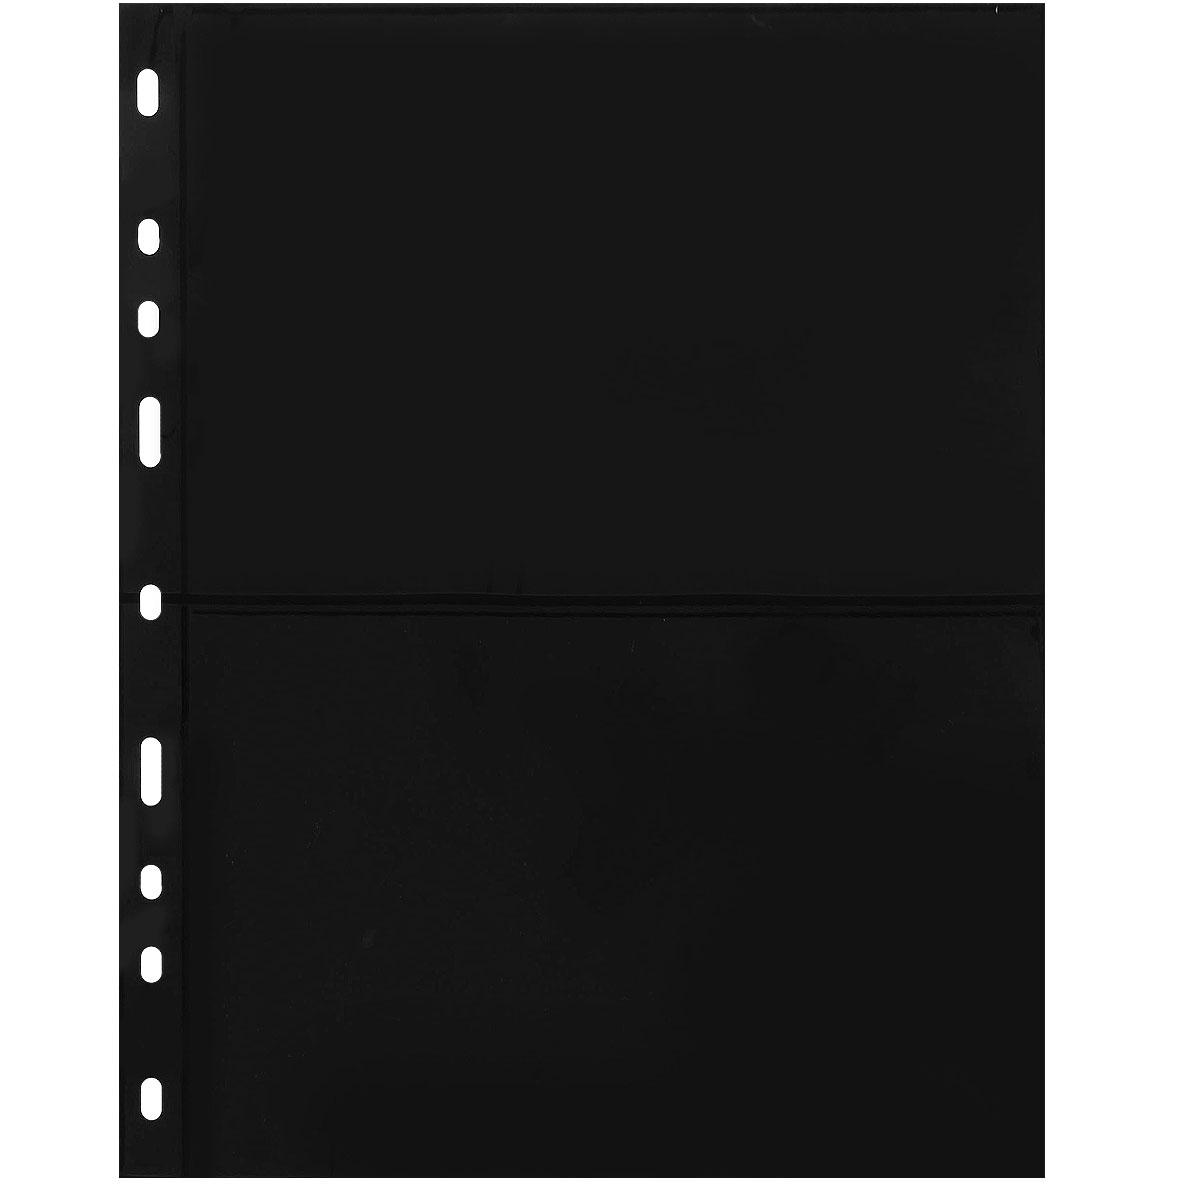 Лист в альбом Optima для бон, на 2 боны (S) (10 листов в упаковке)324851Характеристики: Размер листа: 25,2 см х 20,2 см Размер ячейки: 18 см x 12 см Количество листов в упаковке: 10